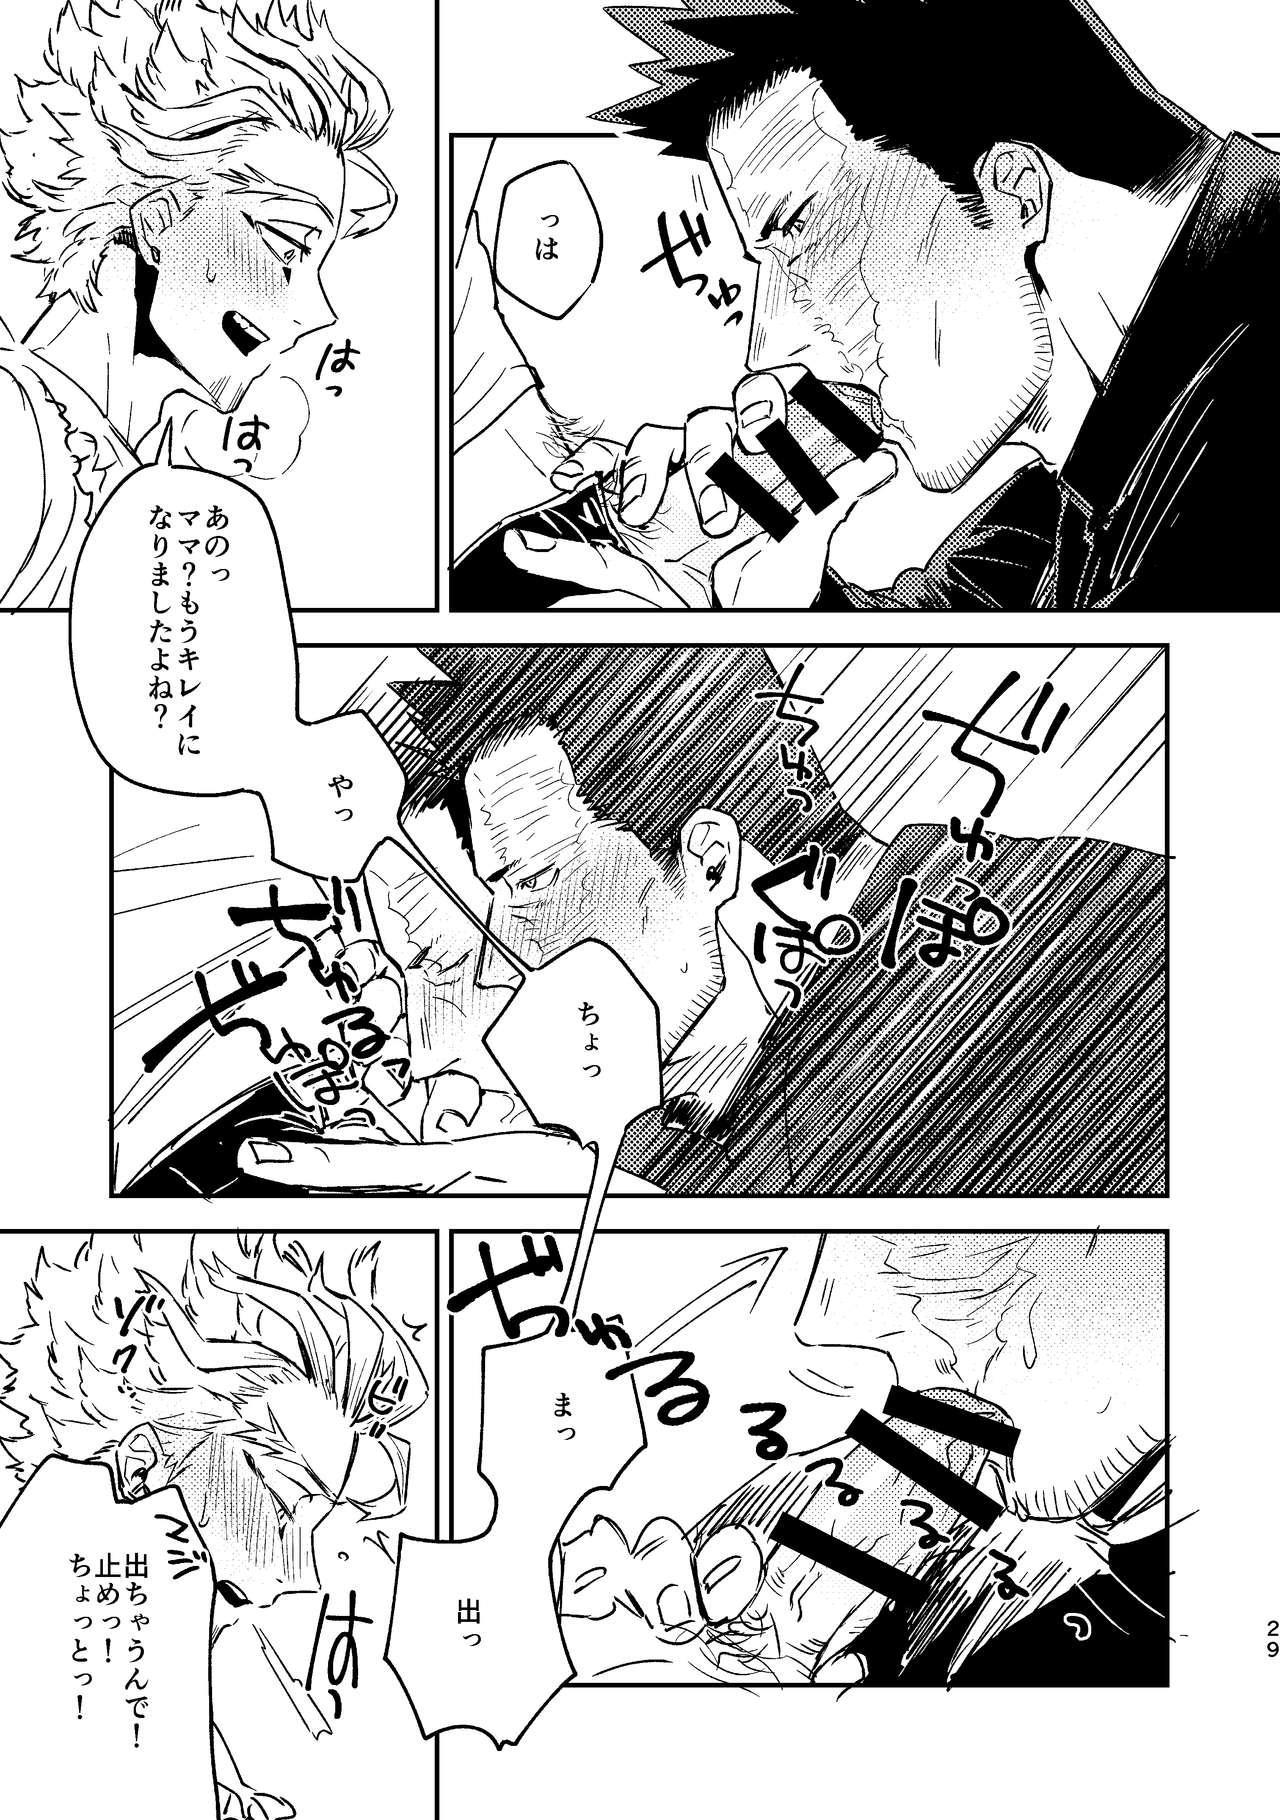 WEB Sairoku Zumi HawEn Manga ga Kami demo Yomeru Hon. 28